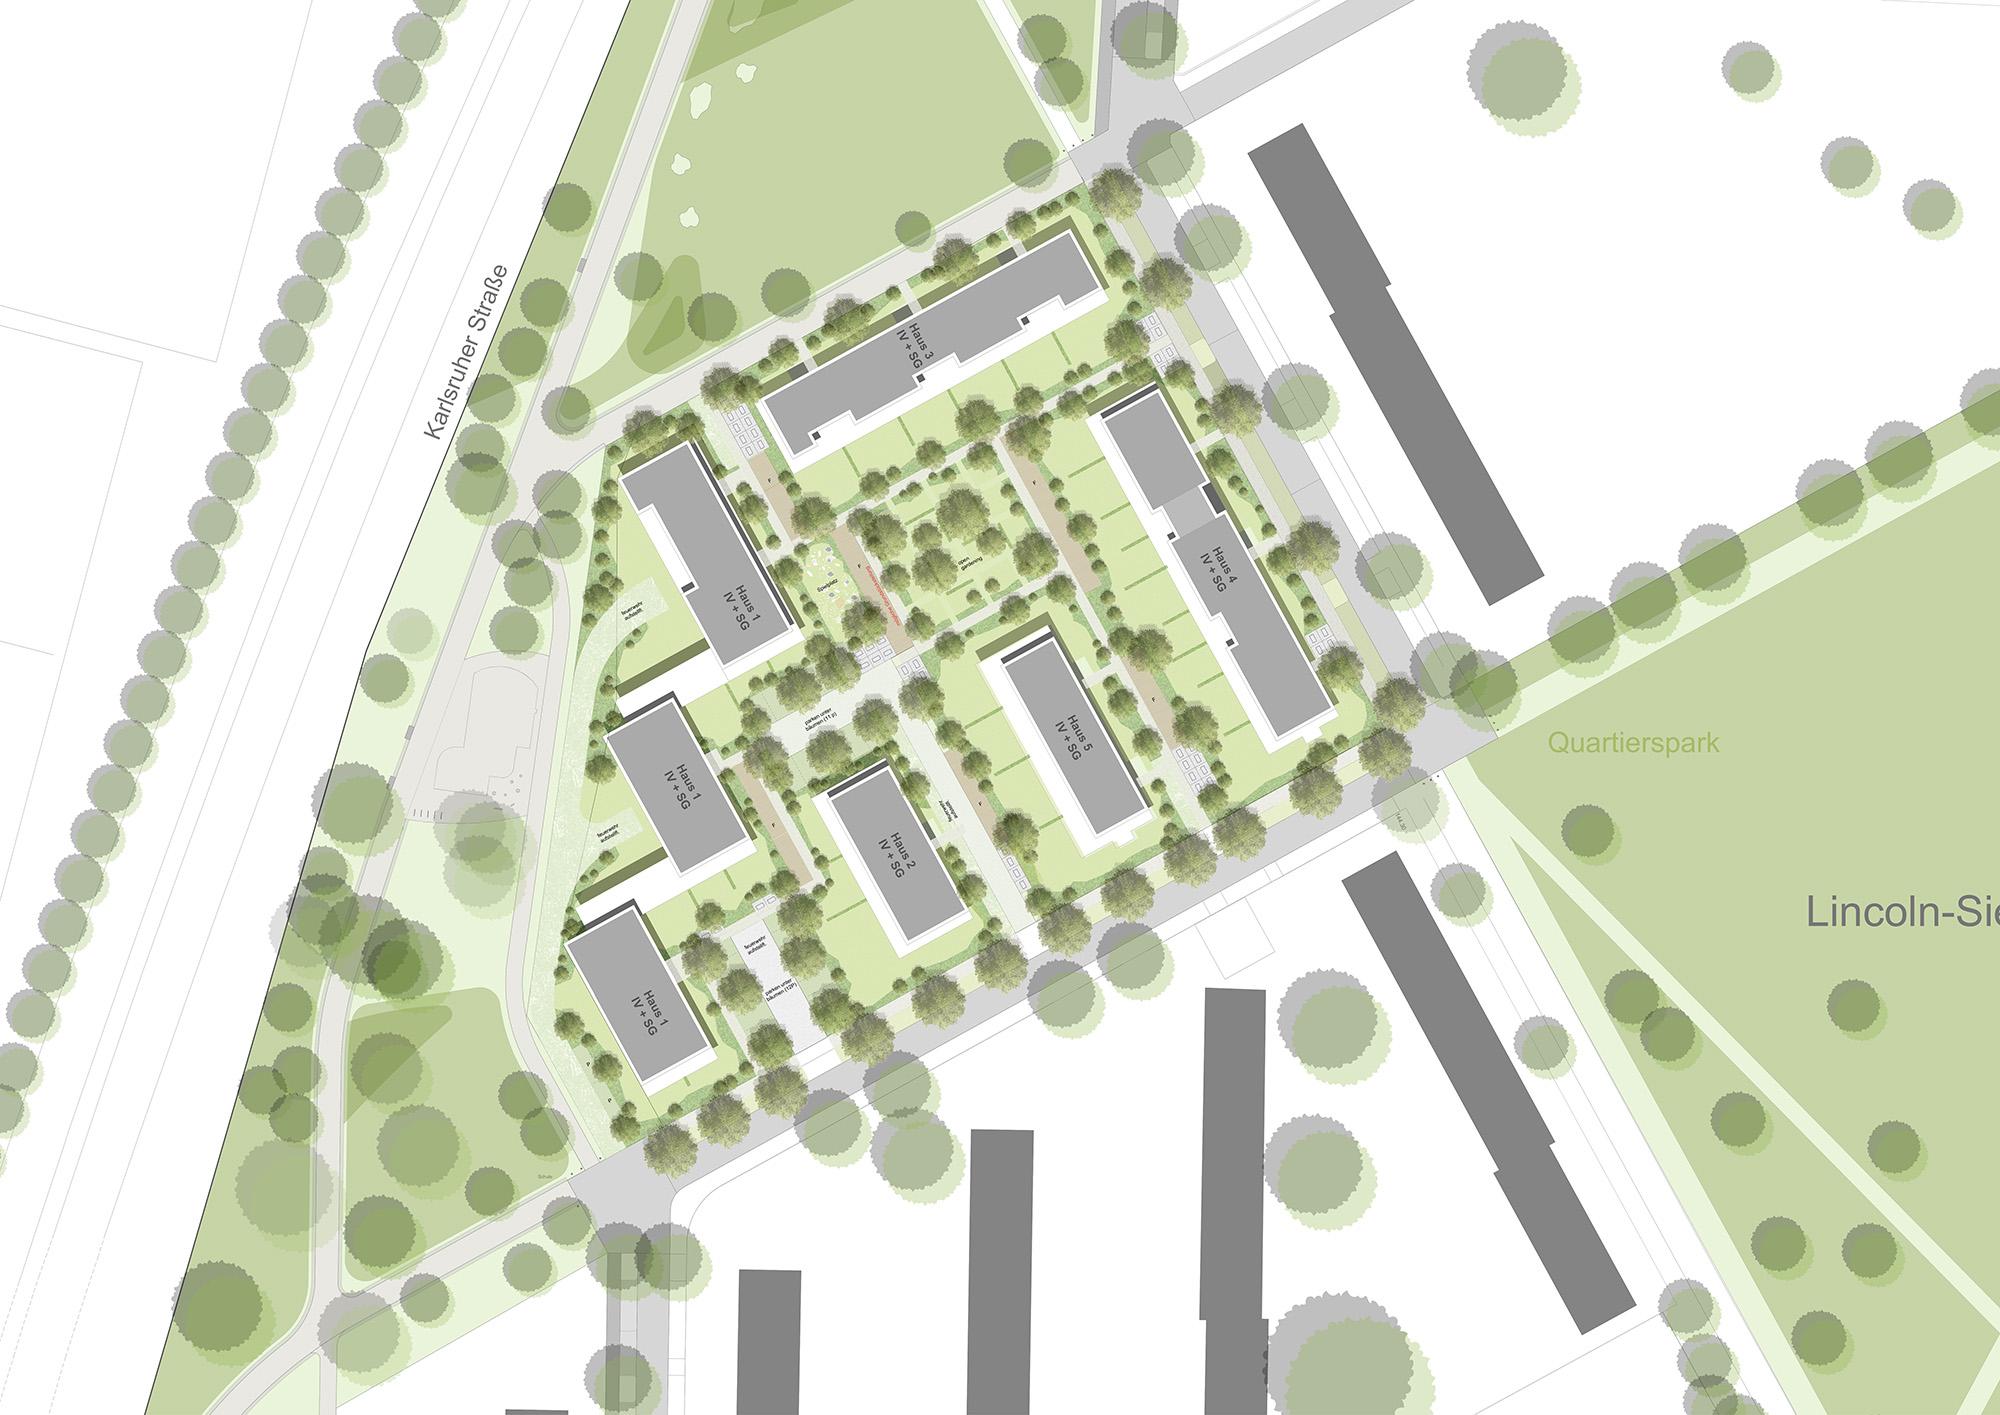 Lageplan Wettbewerb Wohnungsbau Baufeld 2.2 in der Lincoln Siedlung in Darmstadt von Bitsch+Bienstein Architekten